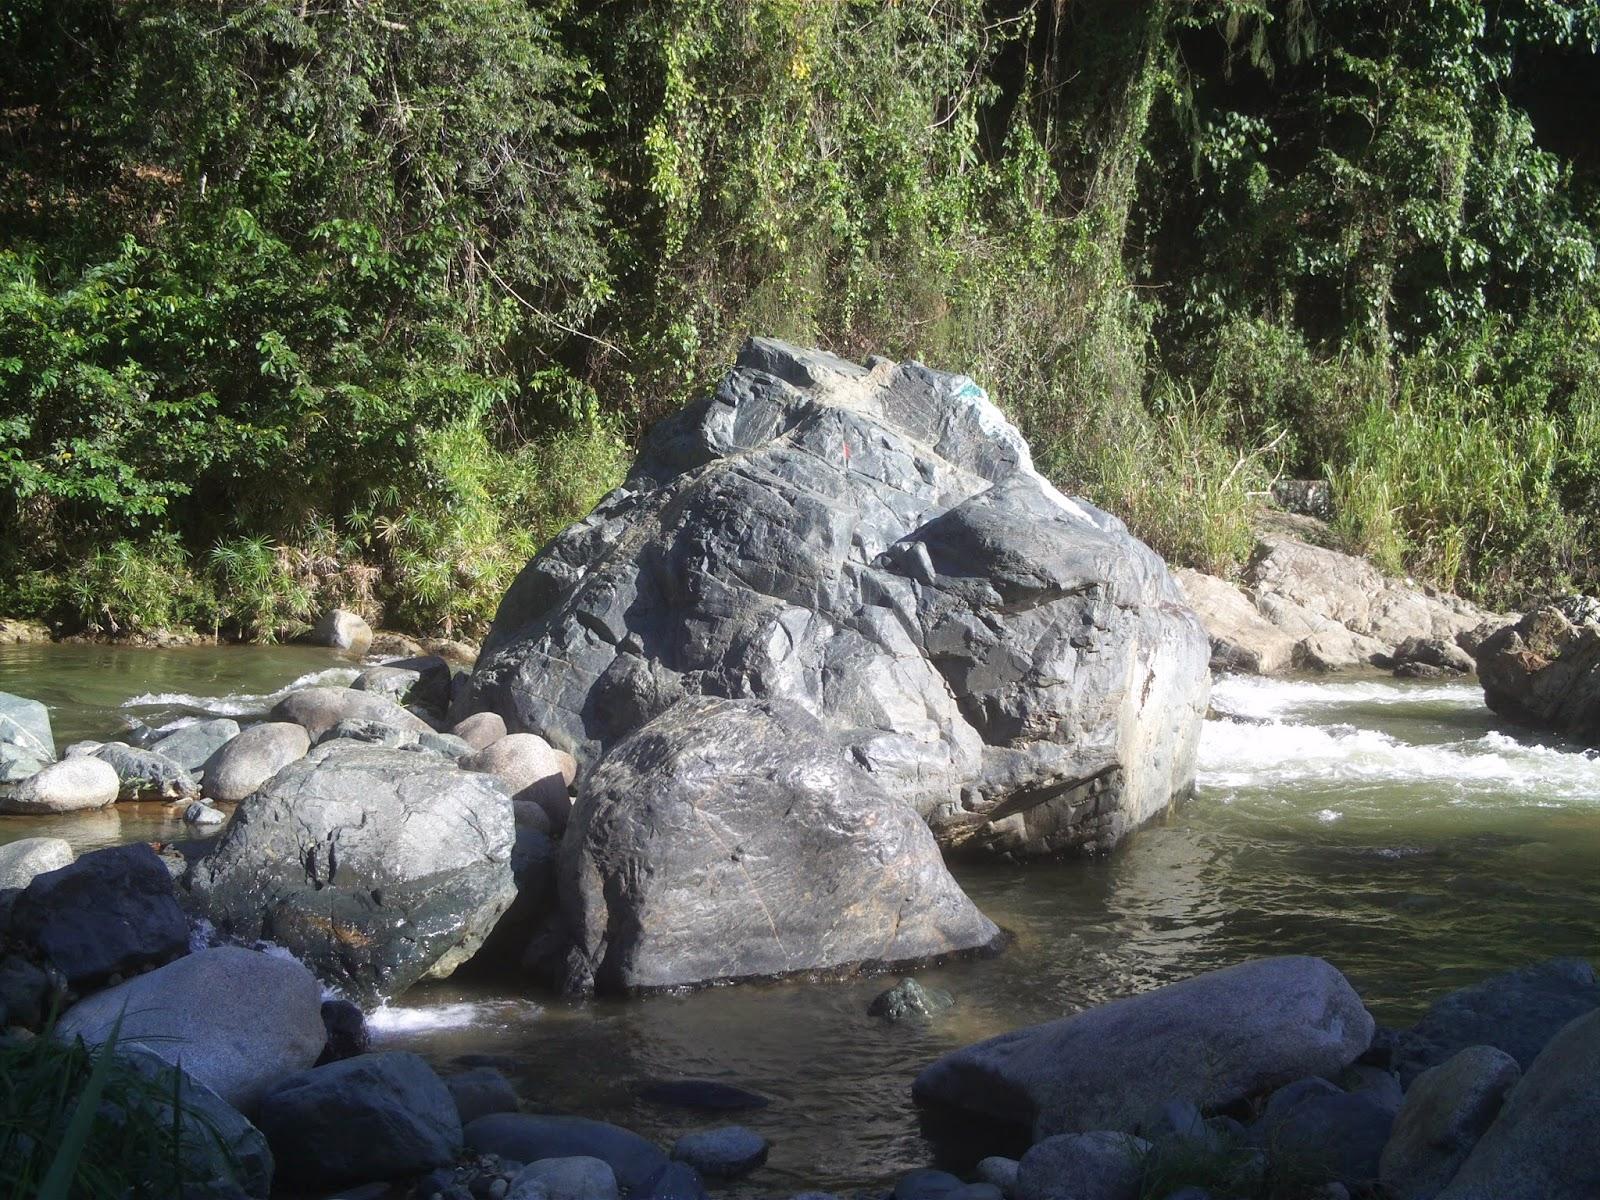 Jarabacoa, Robinson Castro, La Vega, montaña, ecoturismo